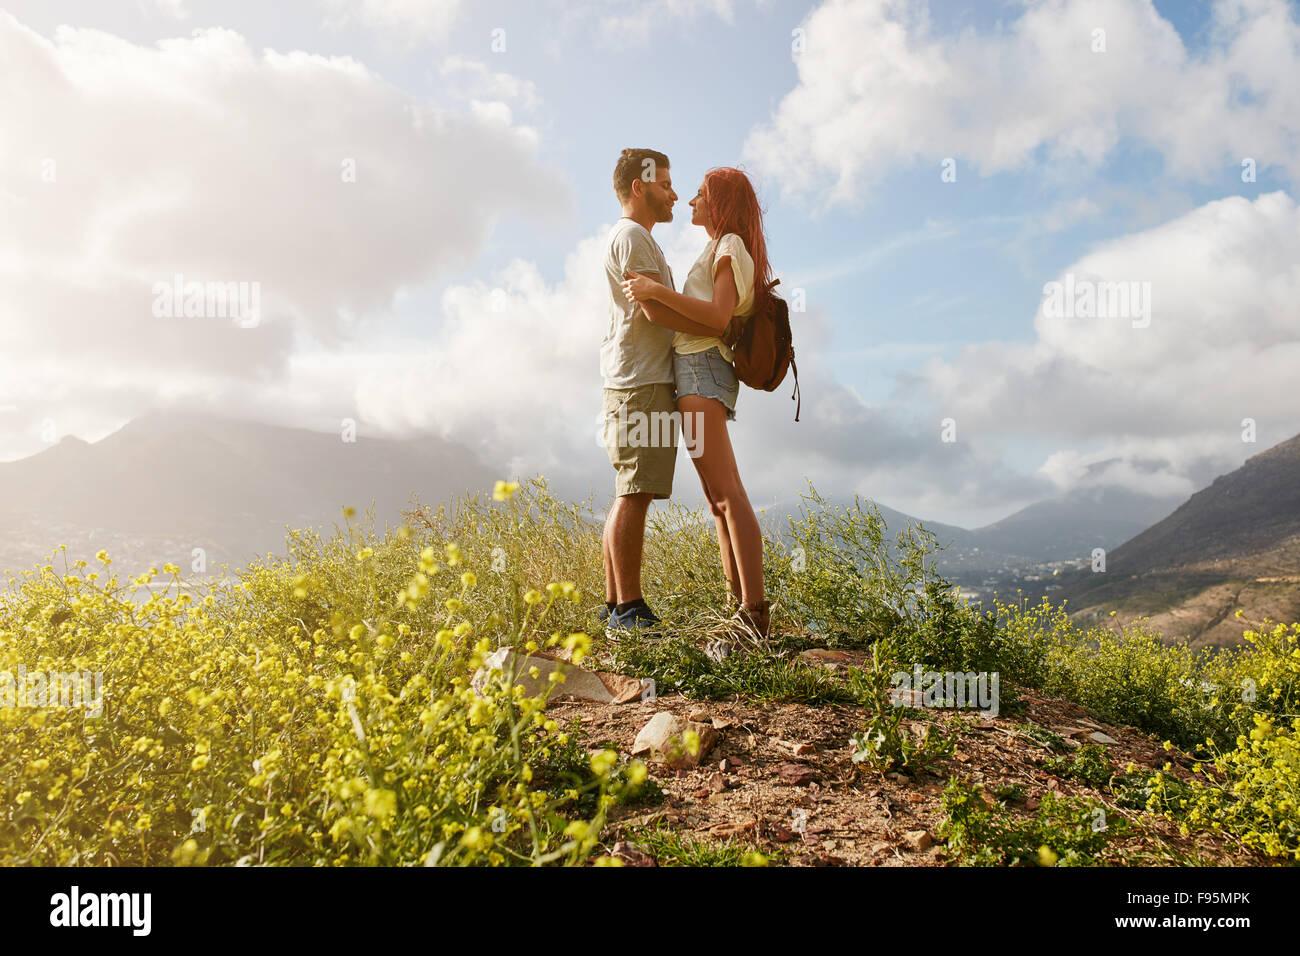 Ritratto di giovane amoroso di abbracciare in piedi in cima ad una collina. Giovane uomo e donna in amore in piedi Immagini Stock